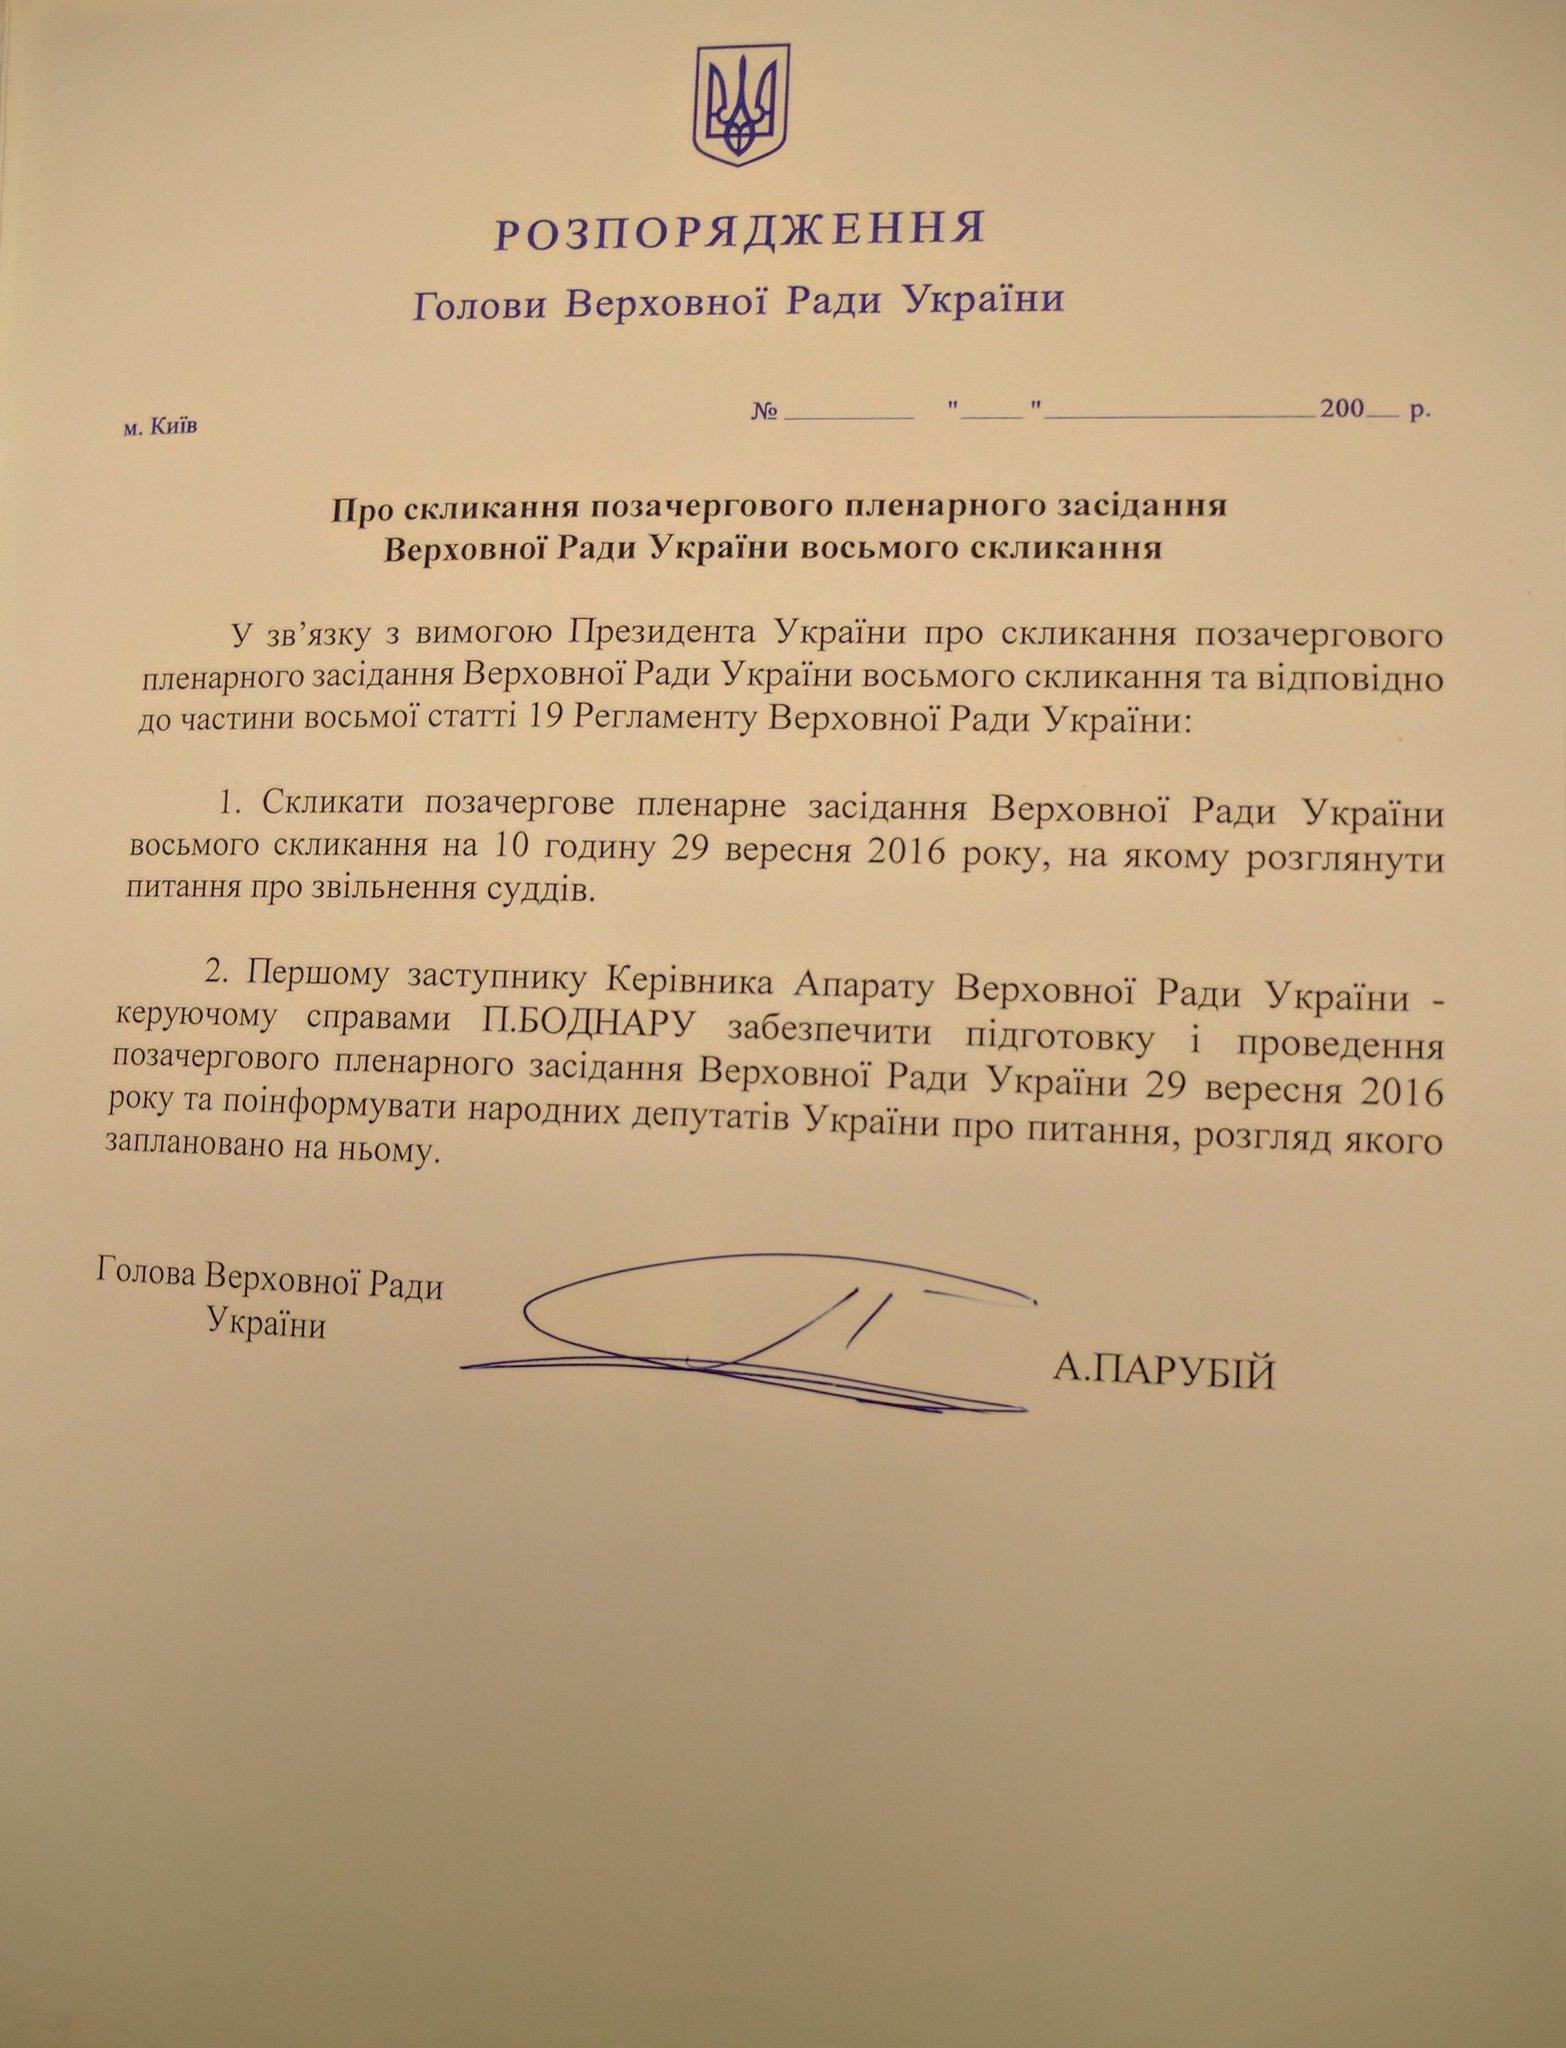 """""""Судовому"""" засіданню Ради бути – Парубій підписав розпорядження - фото 1"""